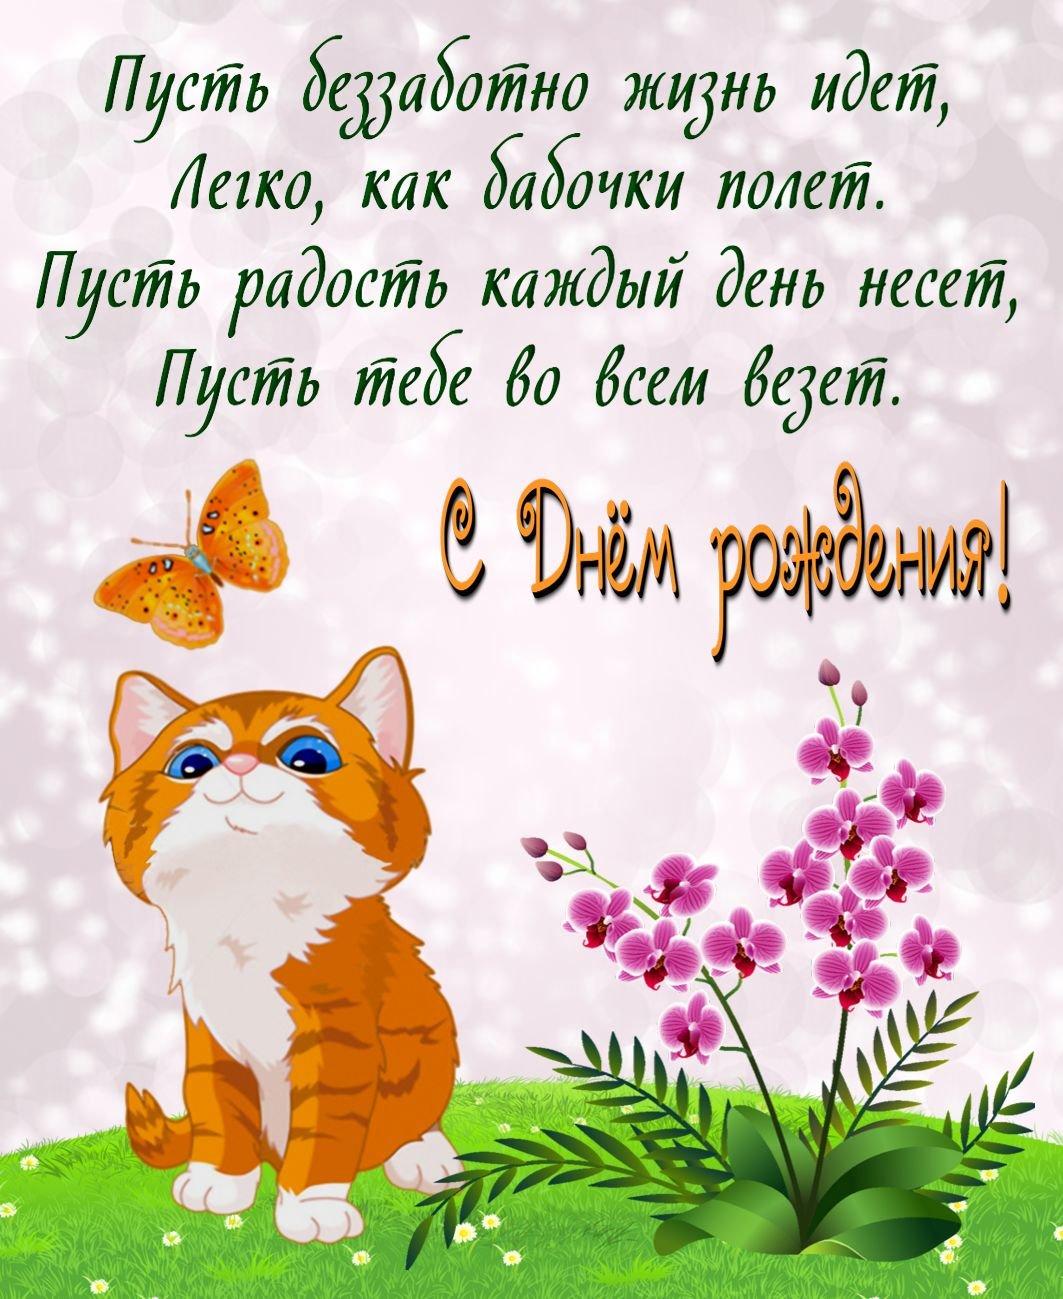 Открытки с котами поздравления с днем рождения, картинки для дедушки